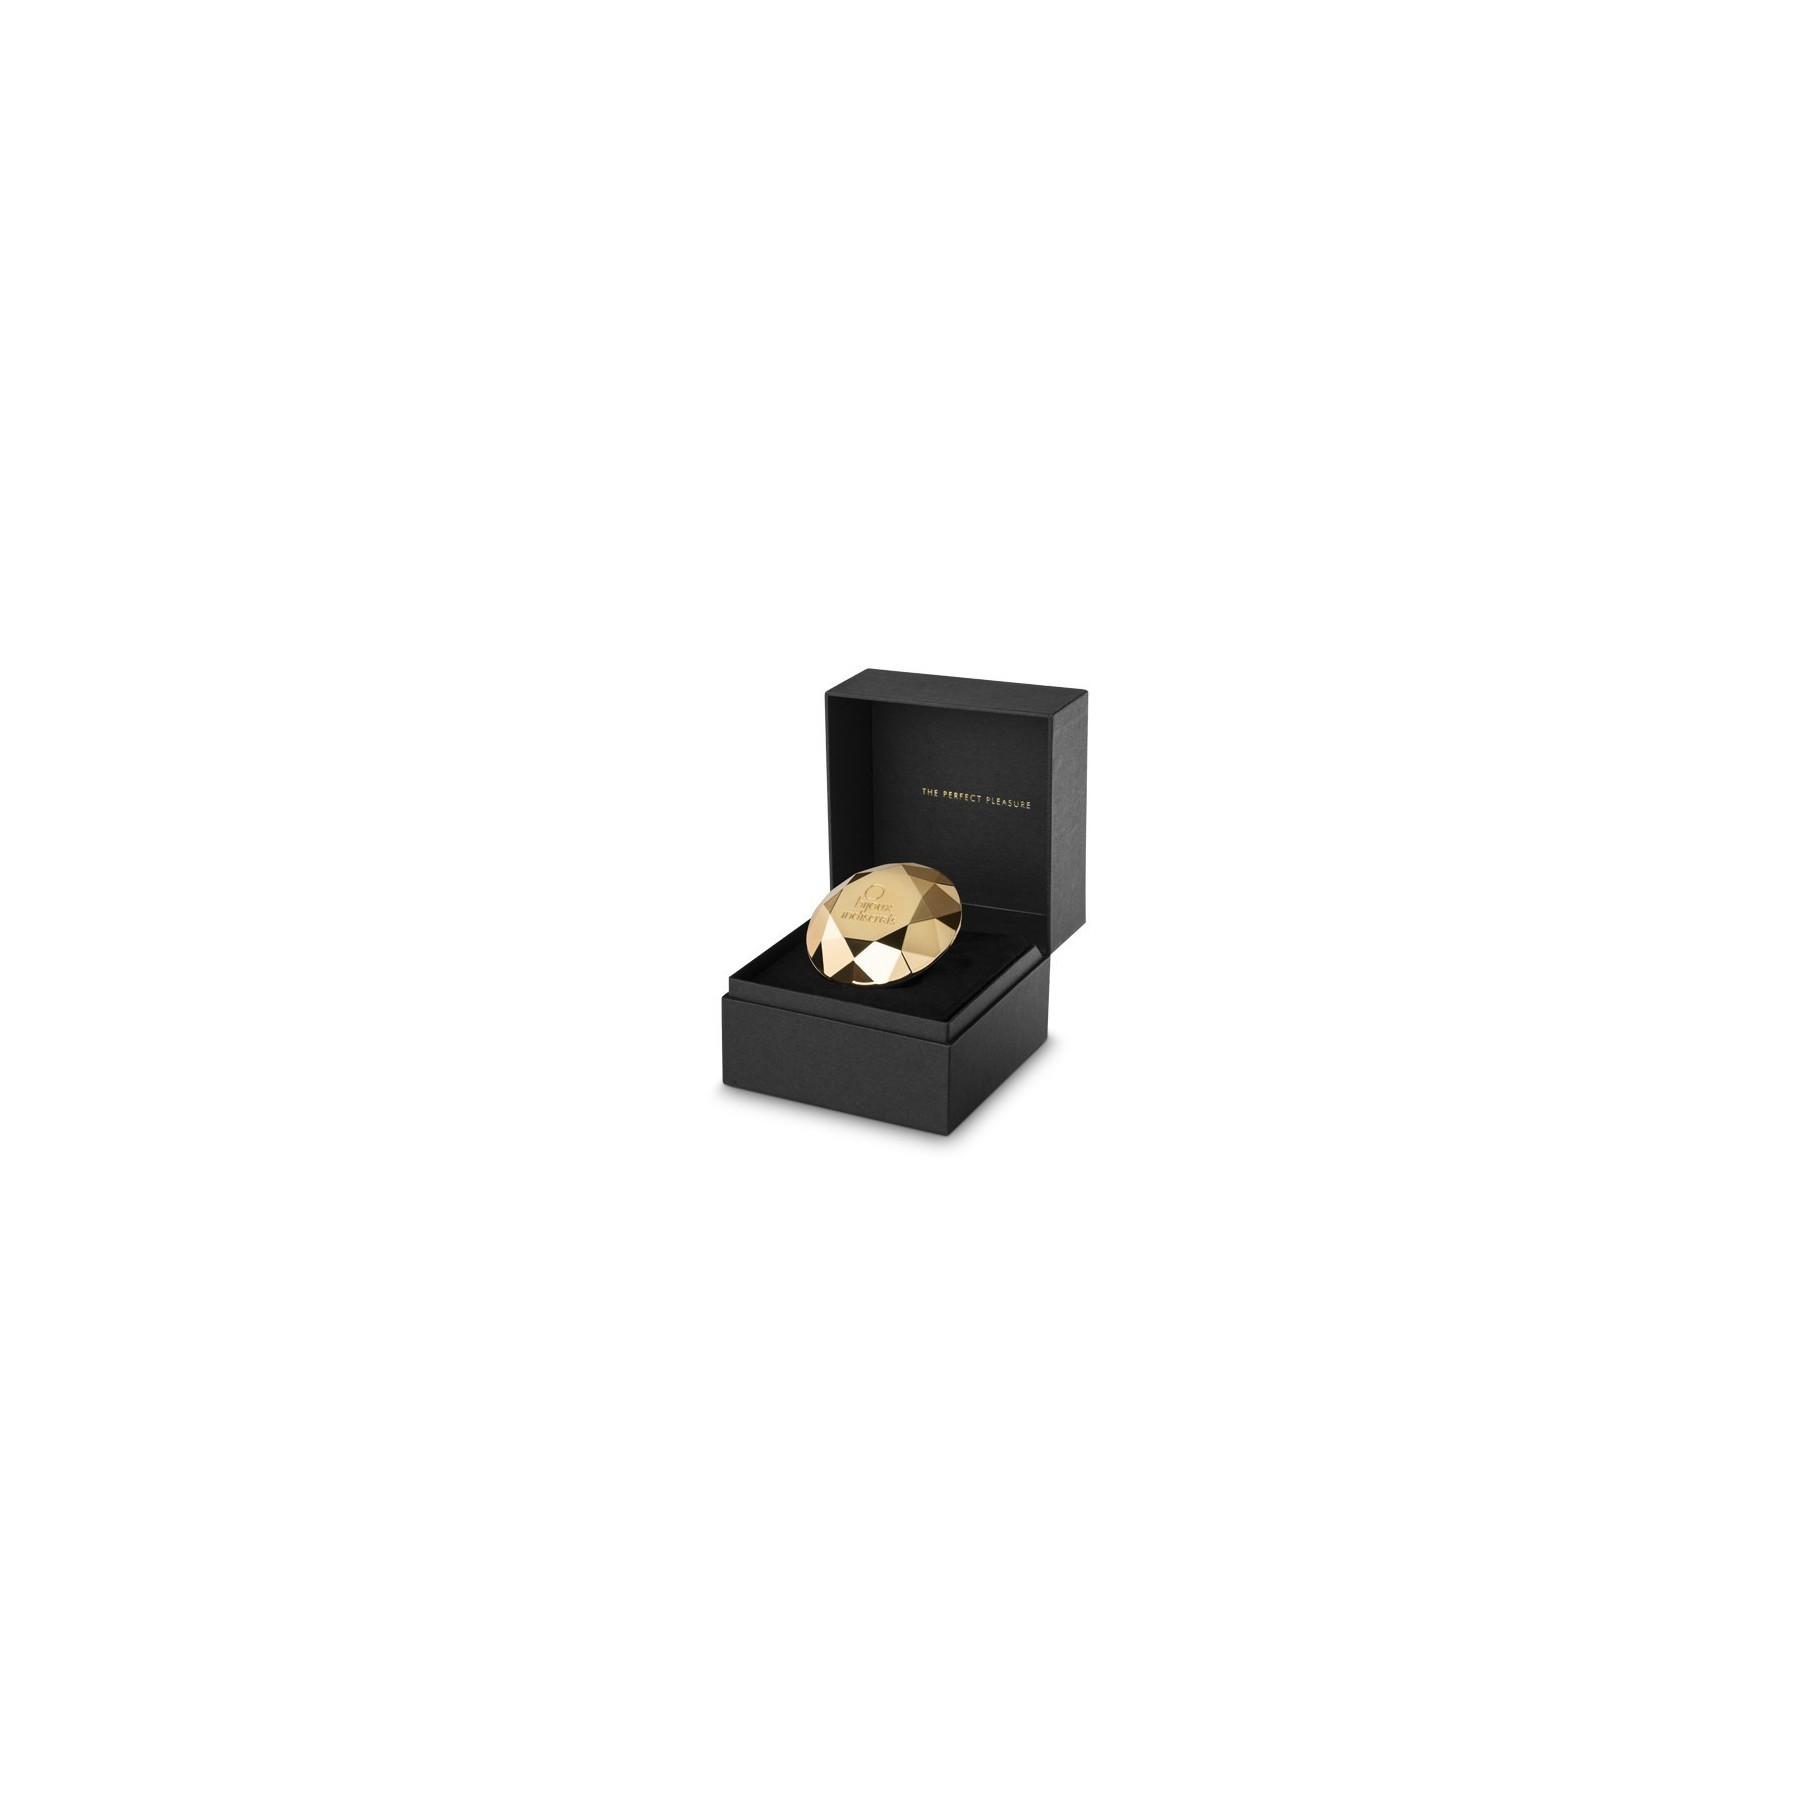 Vibratore Clitorideo a foma di diamante TwentyOne Bijoux Indiscret